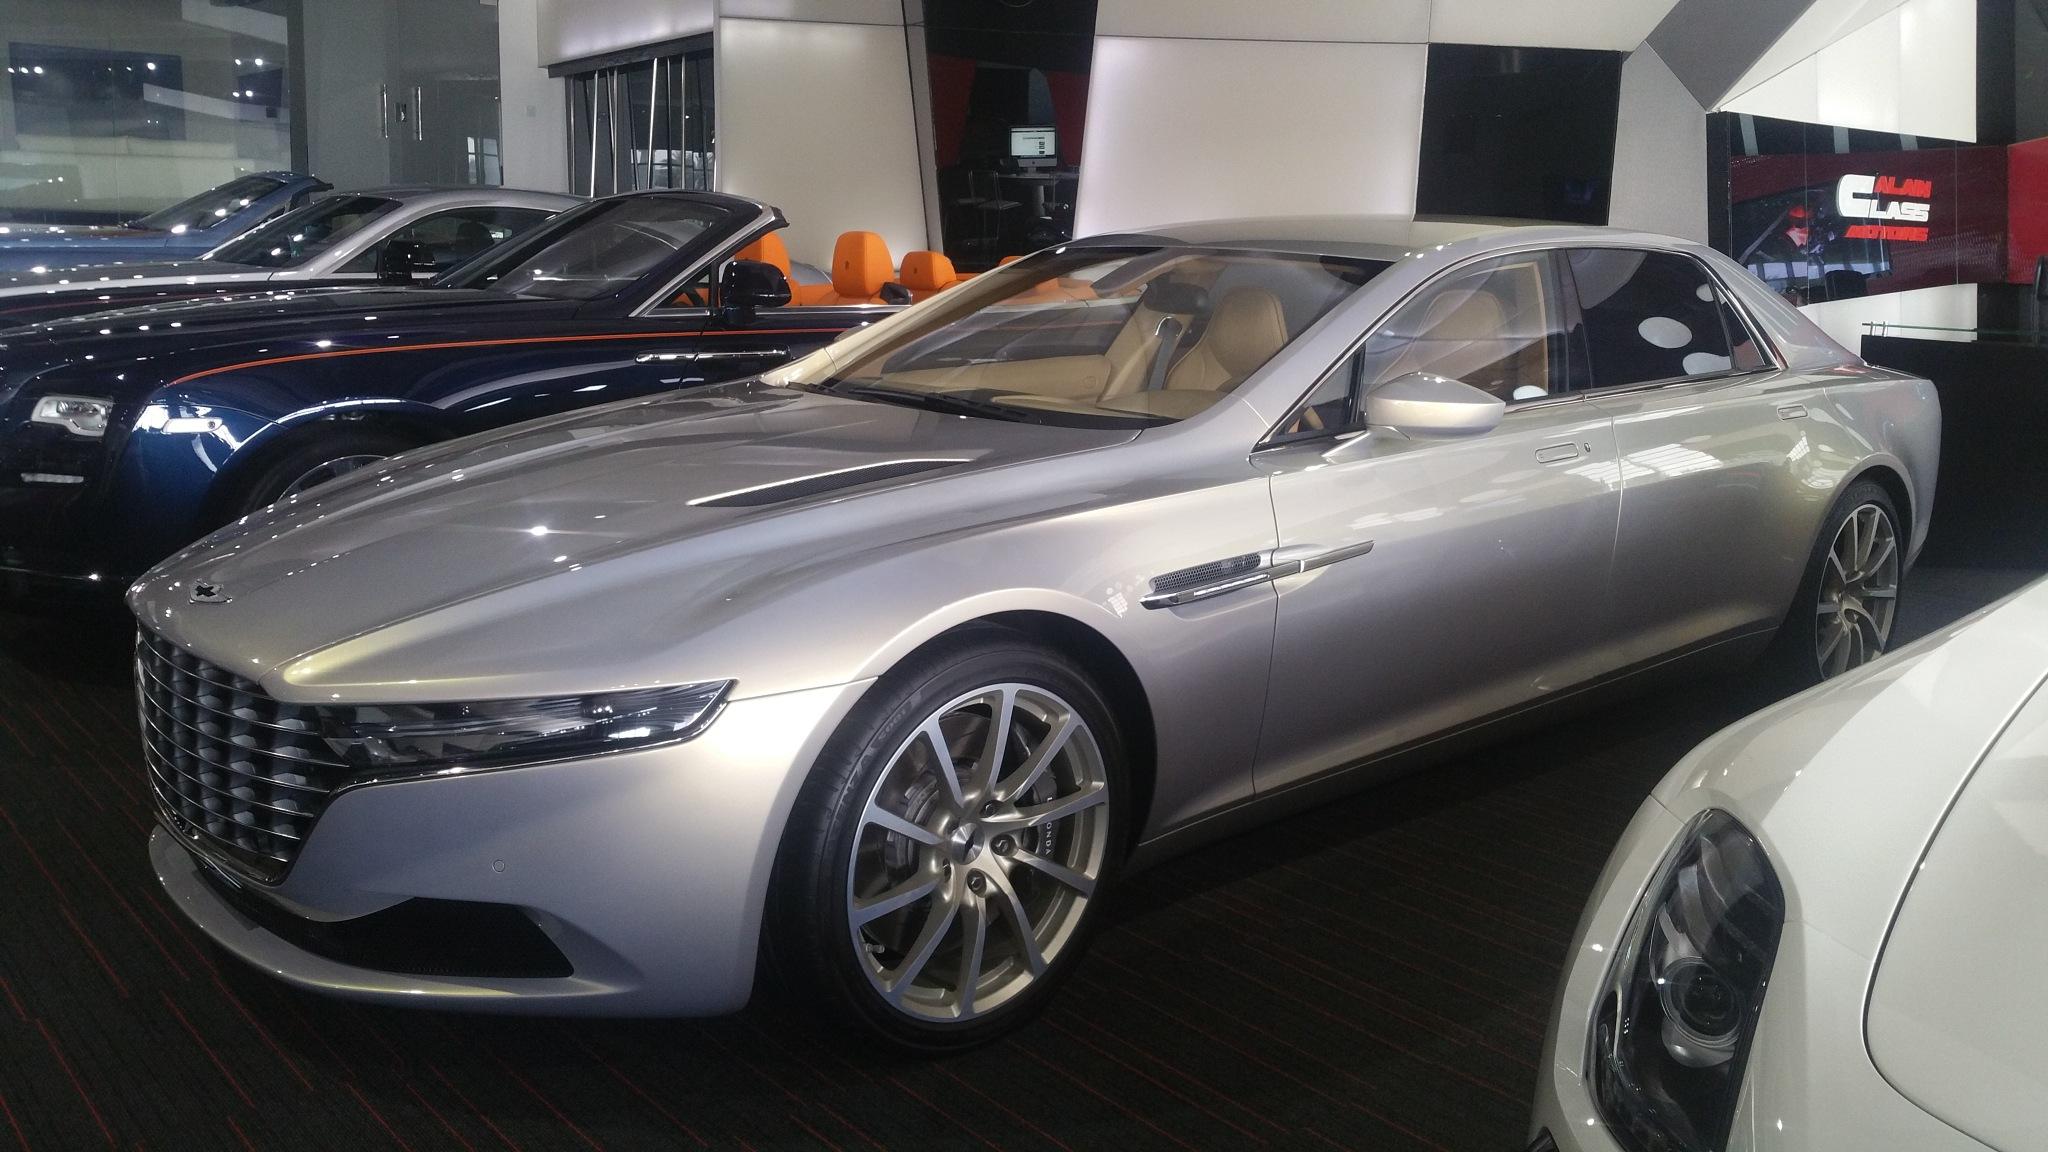 Aston Martin Lagonda Taraf by Haseeb Ahmed